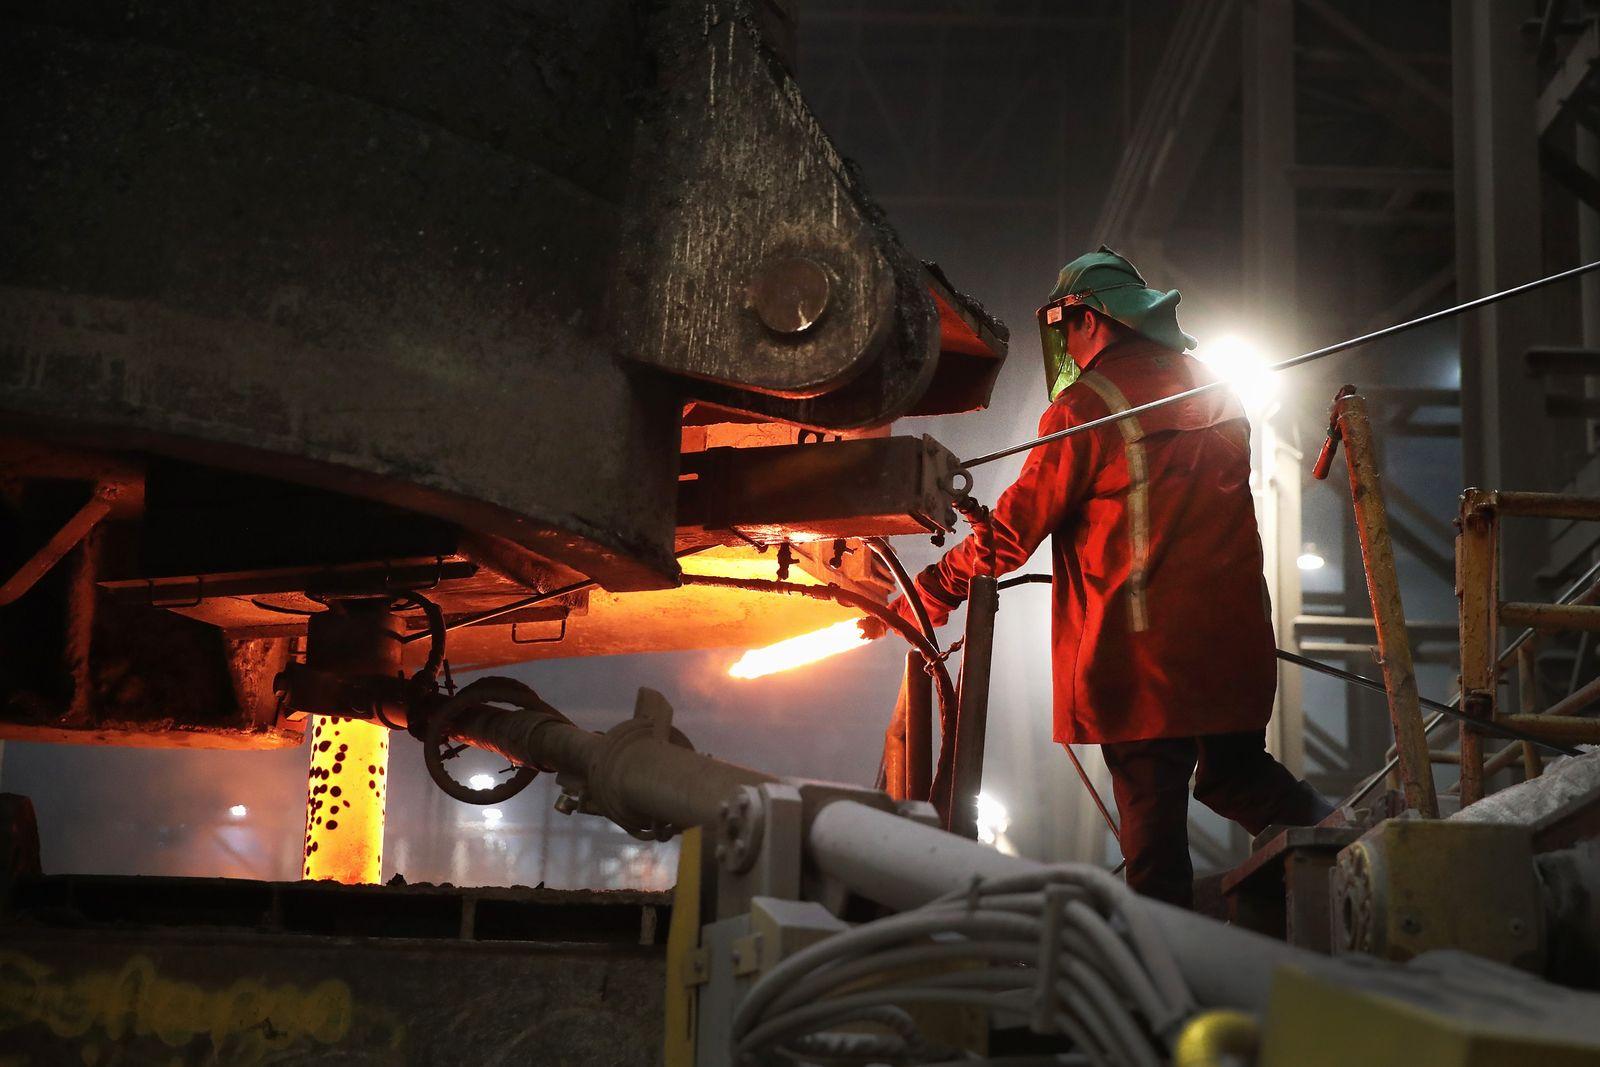 USA / Konjunktur / Wirtaschaft / Stahl / Stahlindustrie /